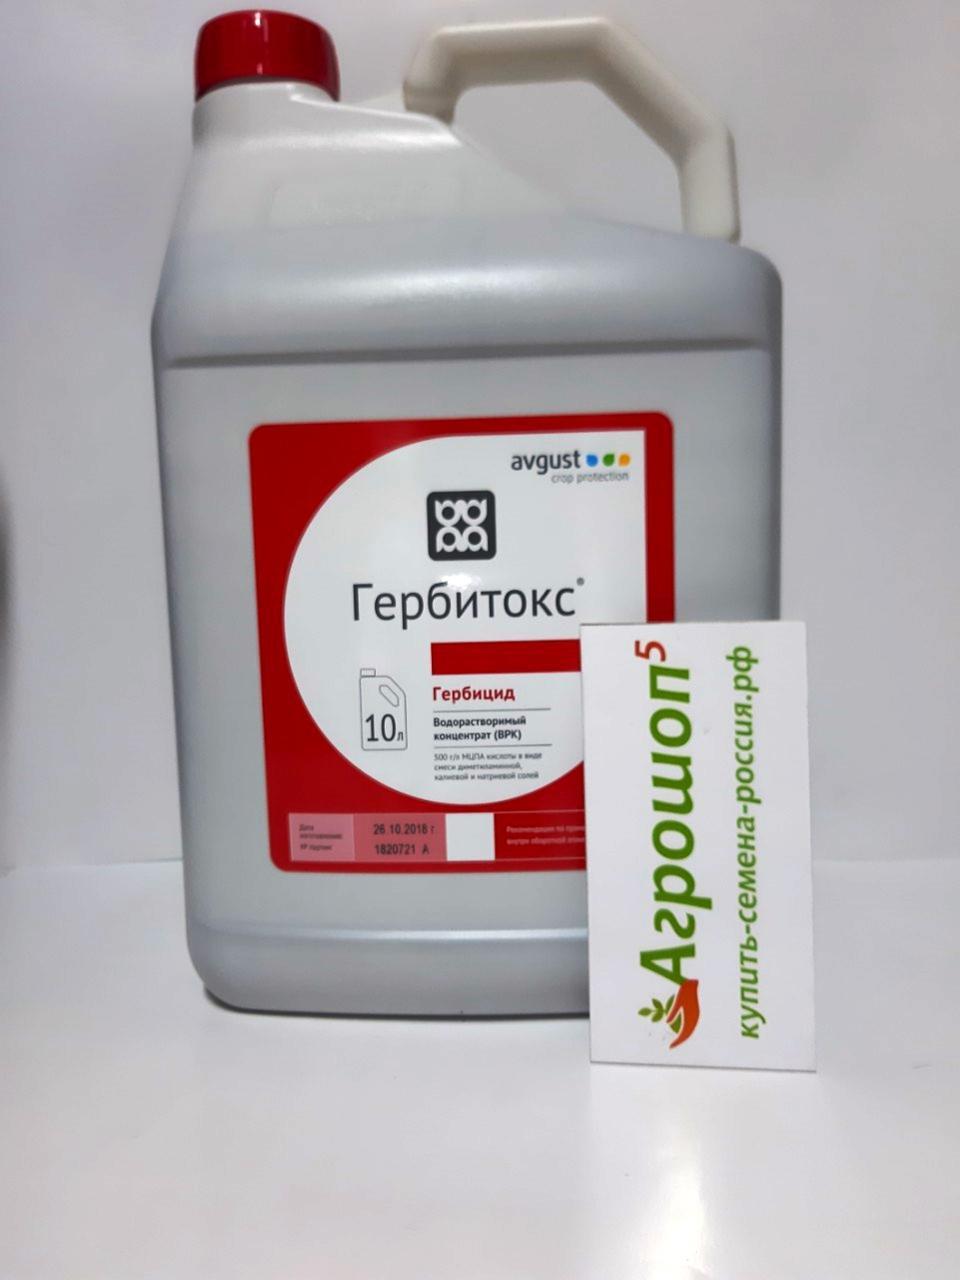 Как применять гербицид гербитокс?